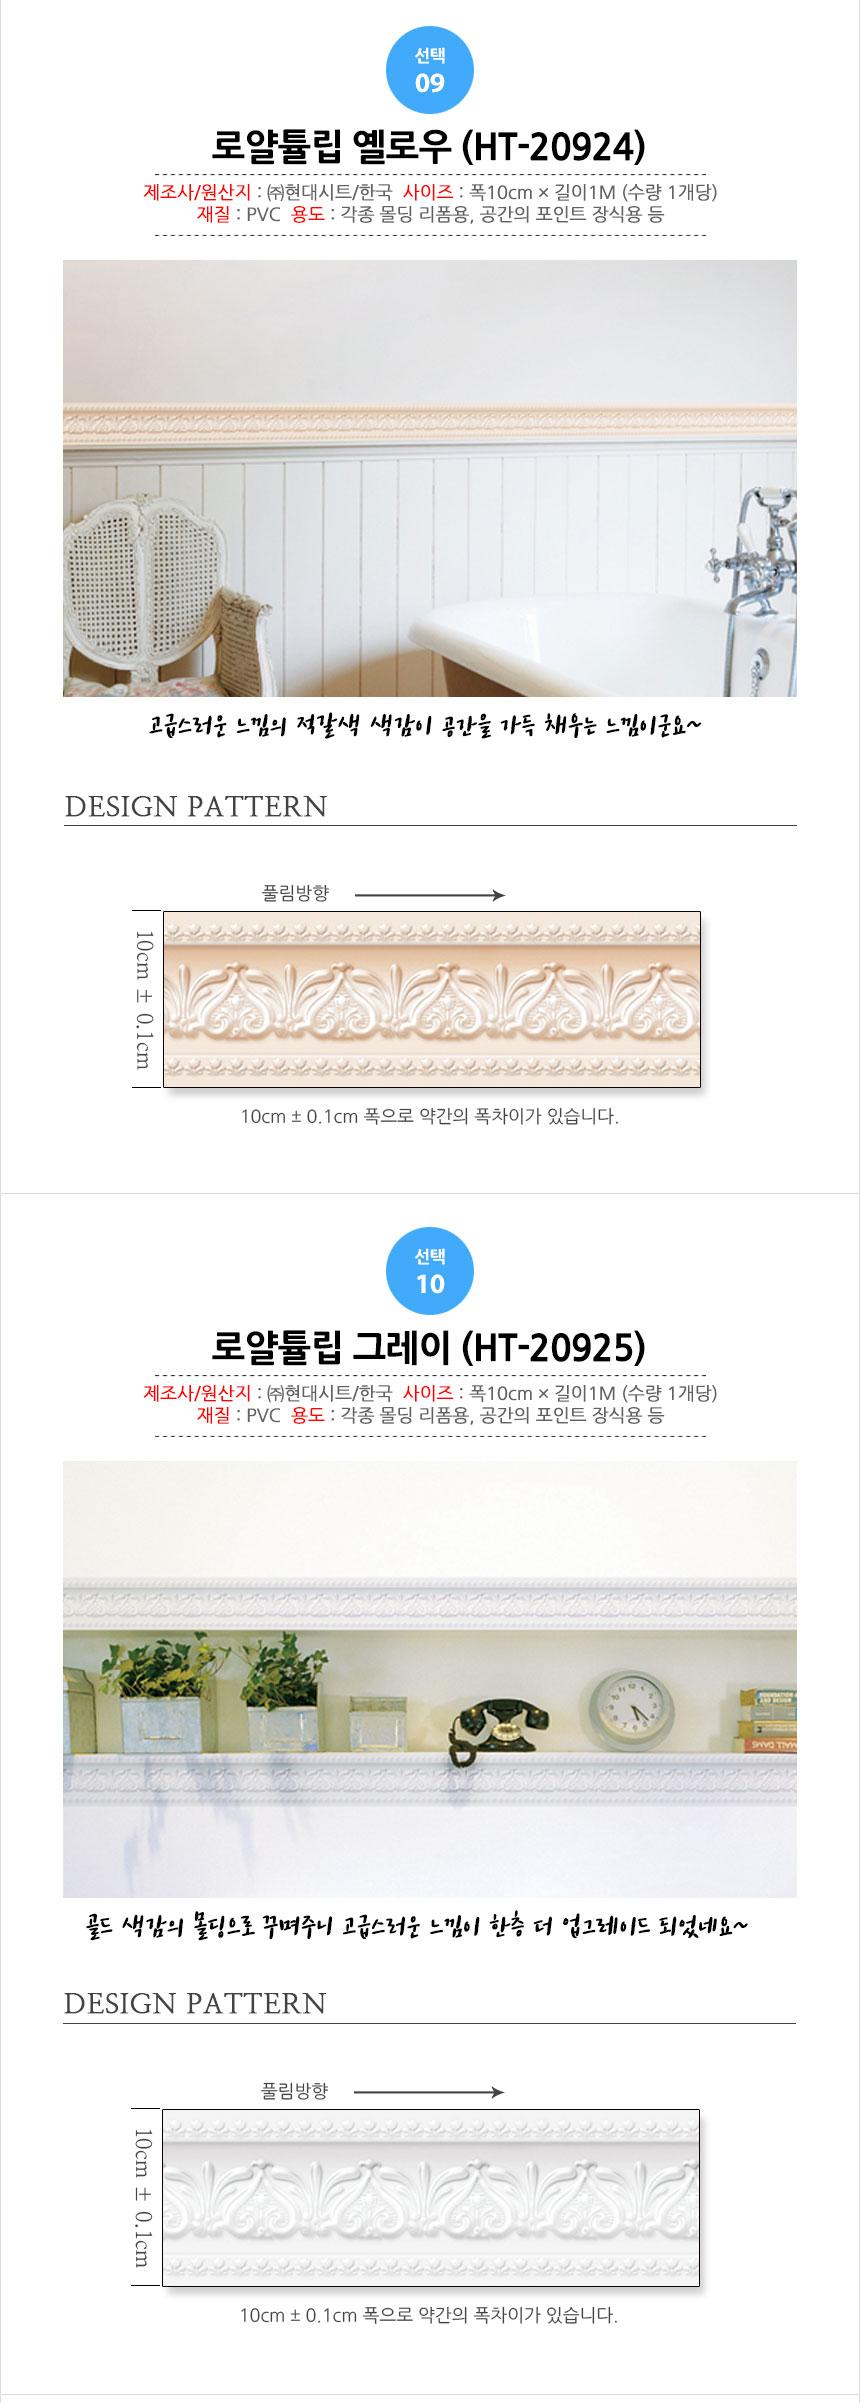 접착식 포인트 띠벽지 띠 몰딩 시트지 - 데코사랑, 1,270원, 벽지/시트지, 디자인 시트지